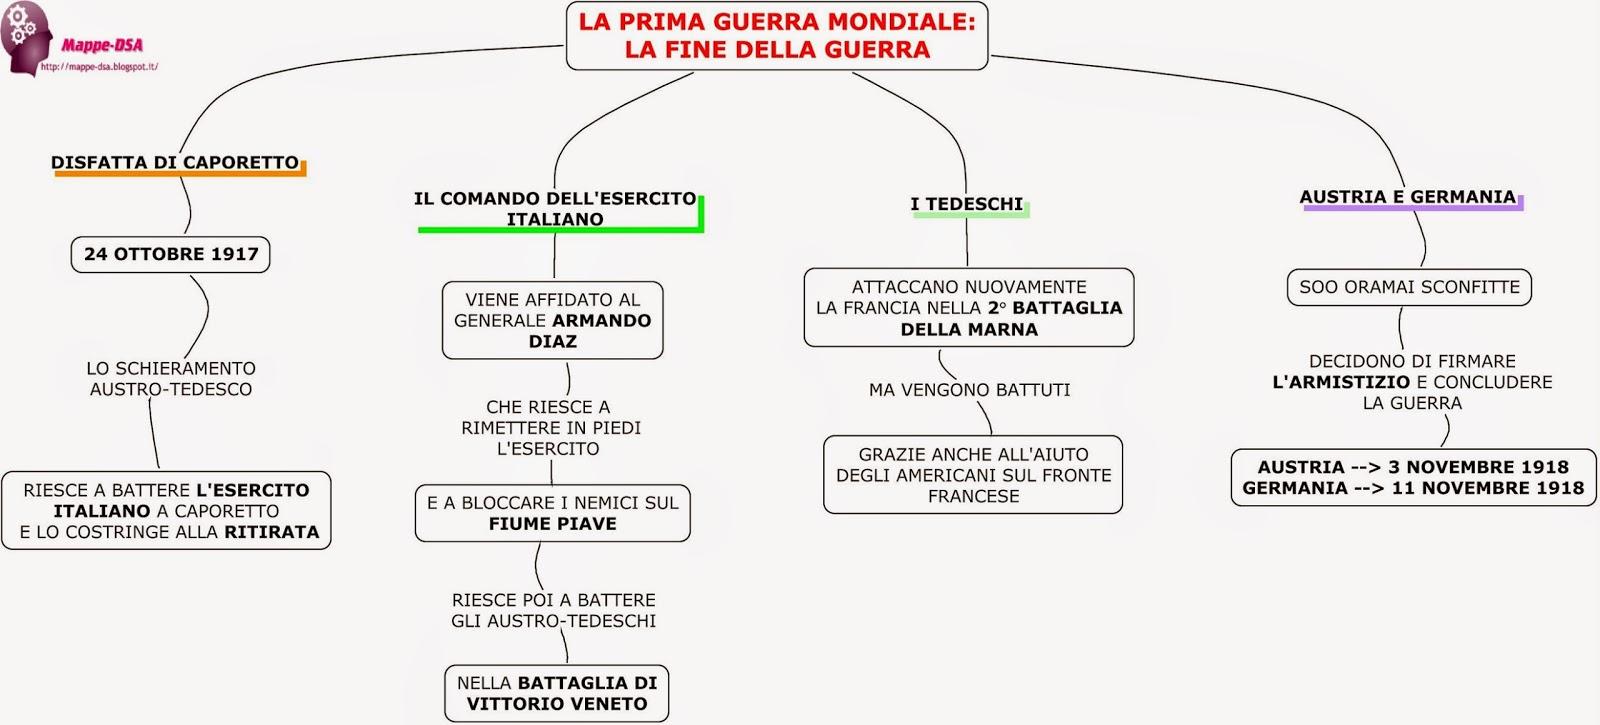 mappe dsa schema prima guerra mondiale storia dislessia caporetto piave vittorio veneto armistizio